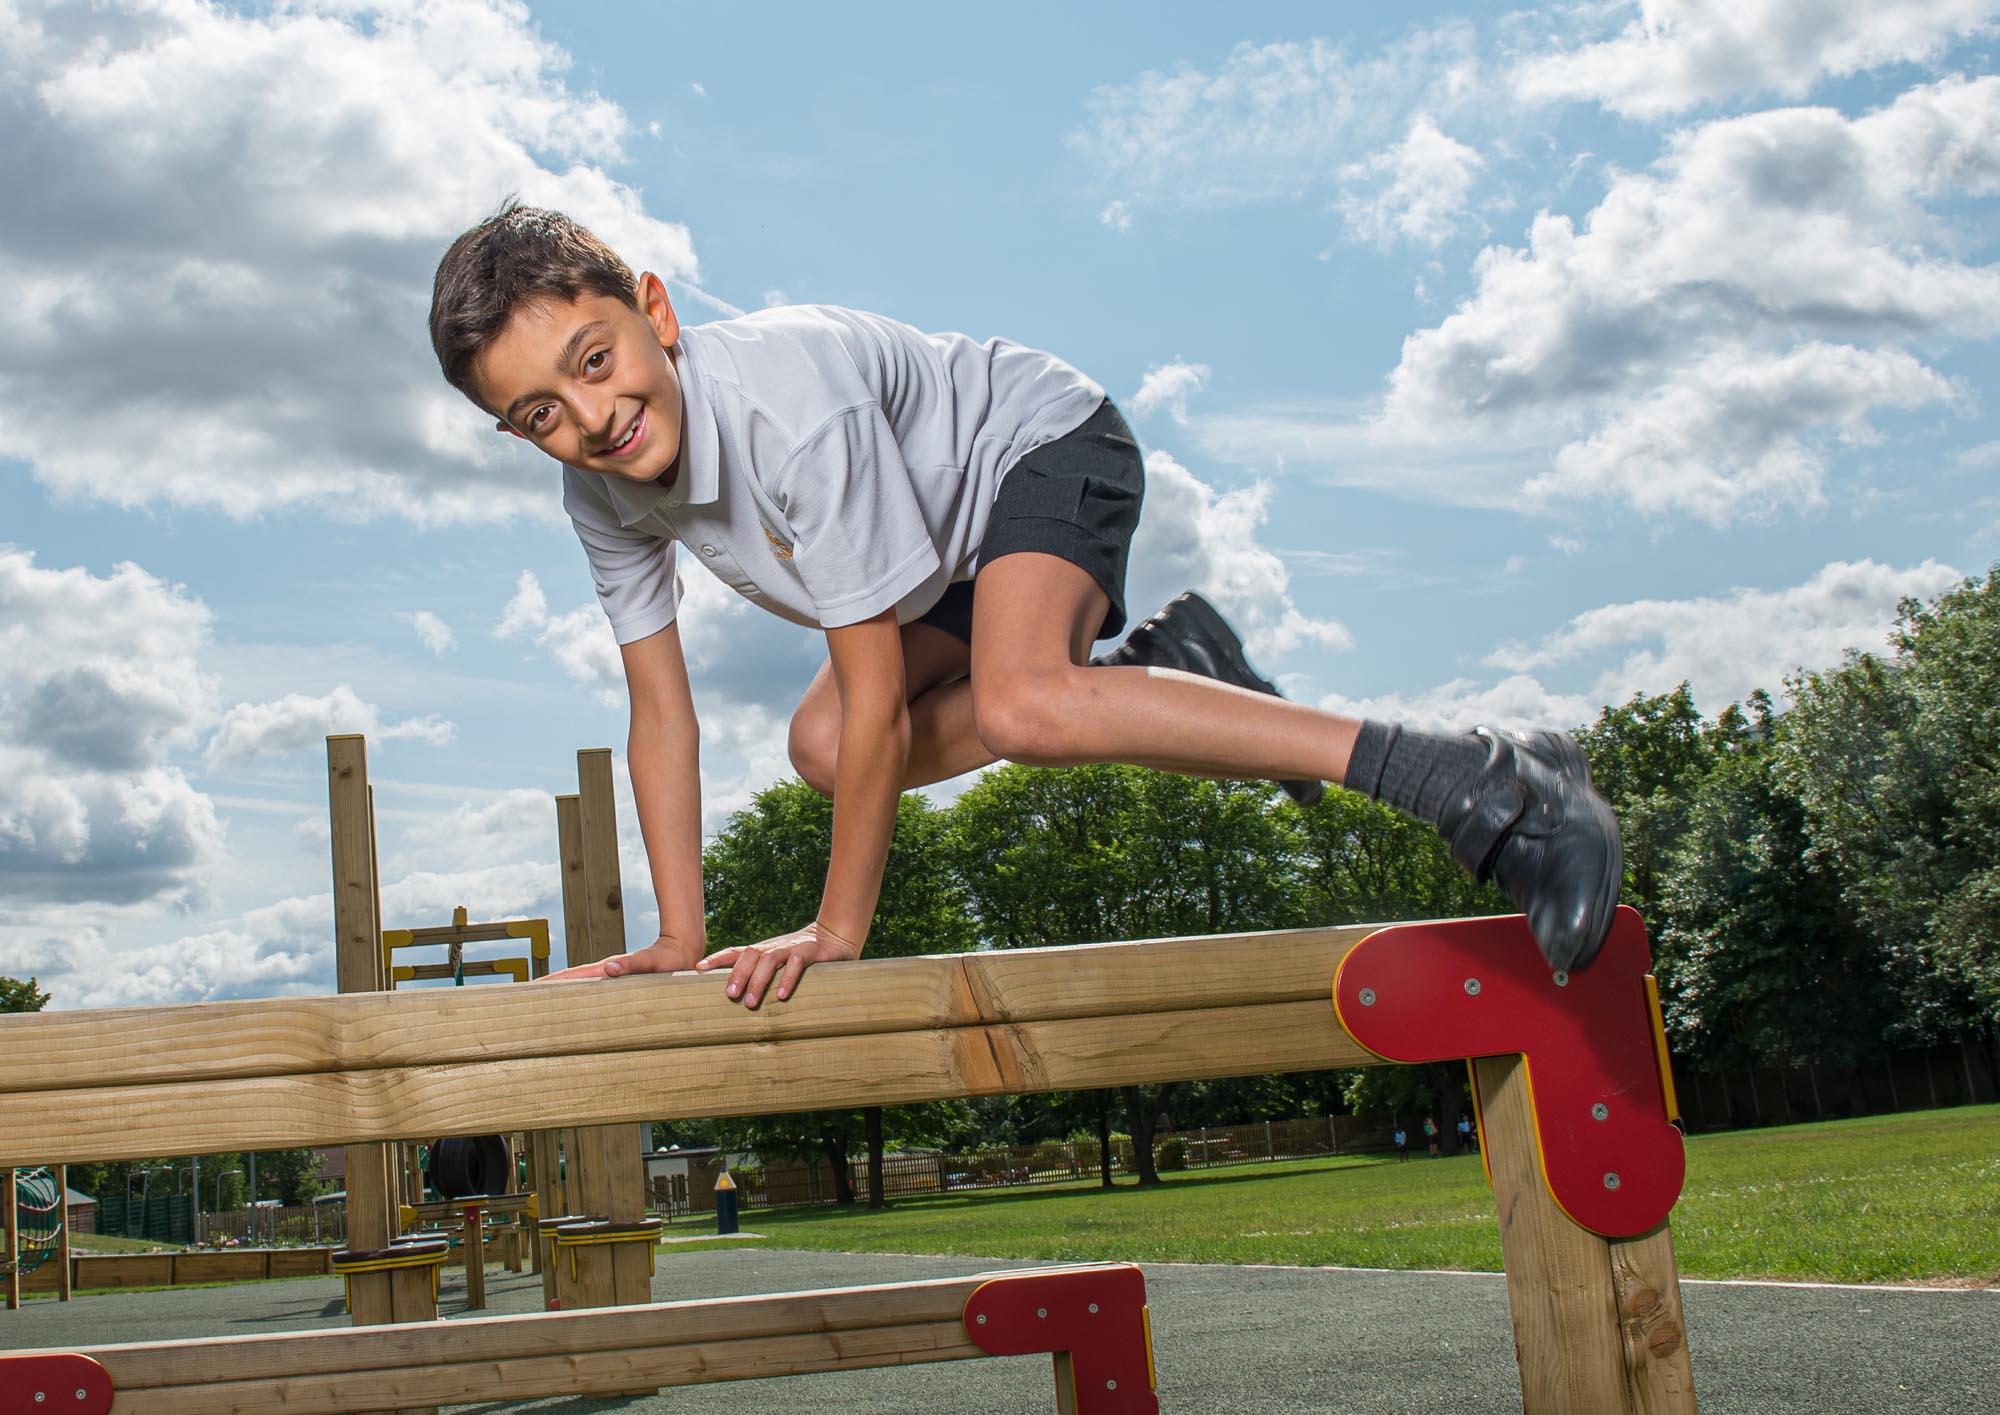 Boy hurdling